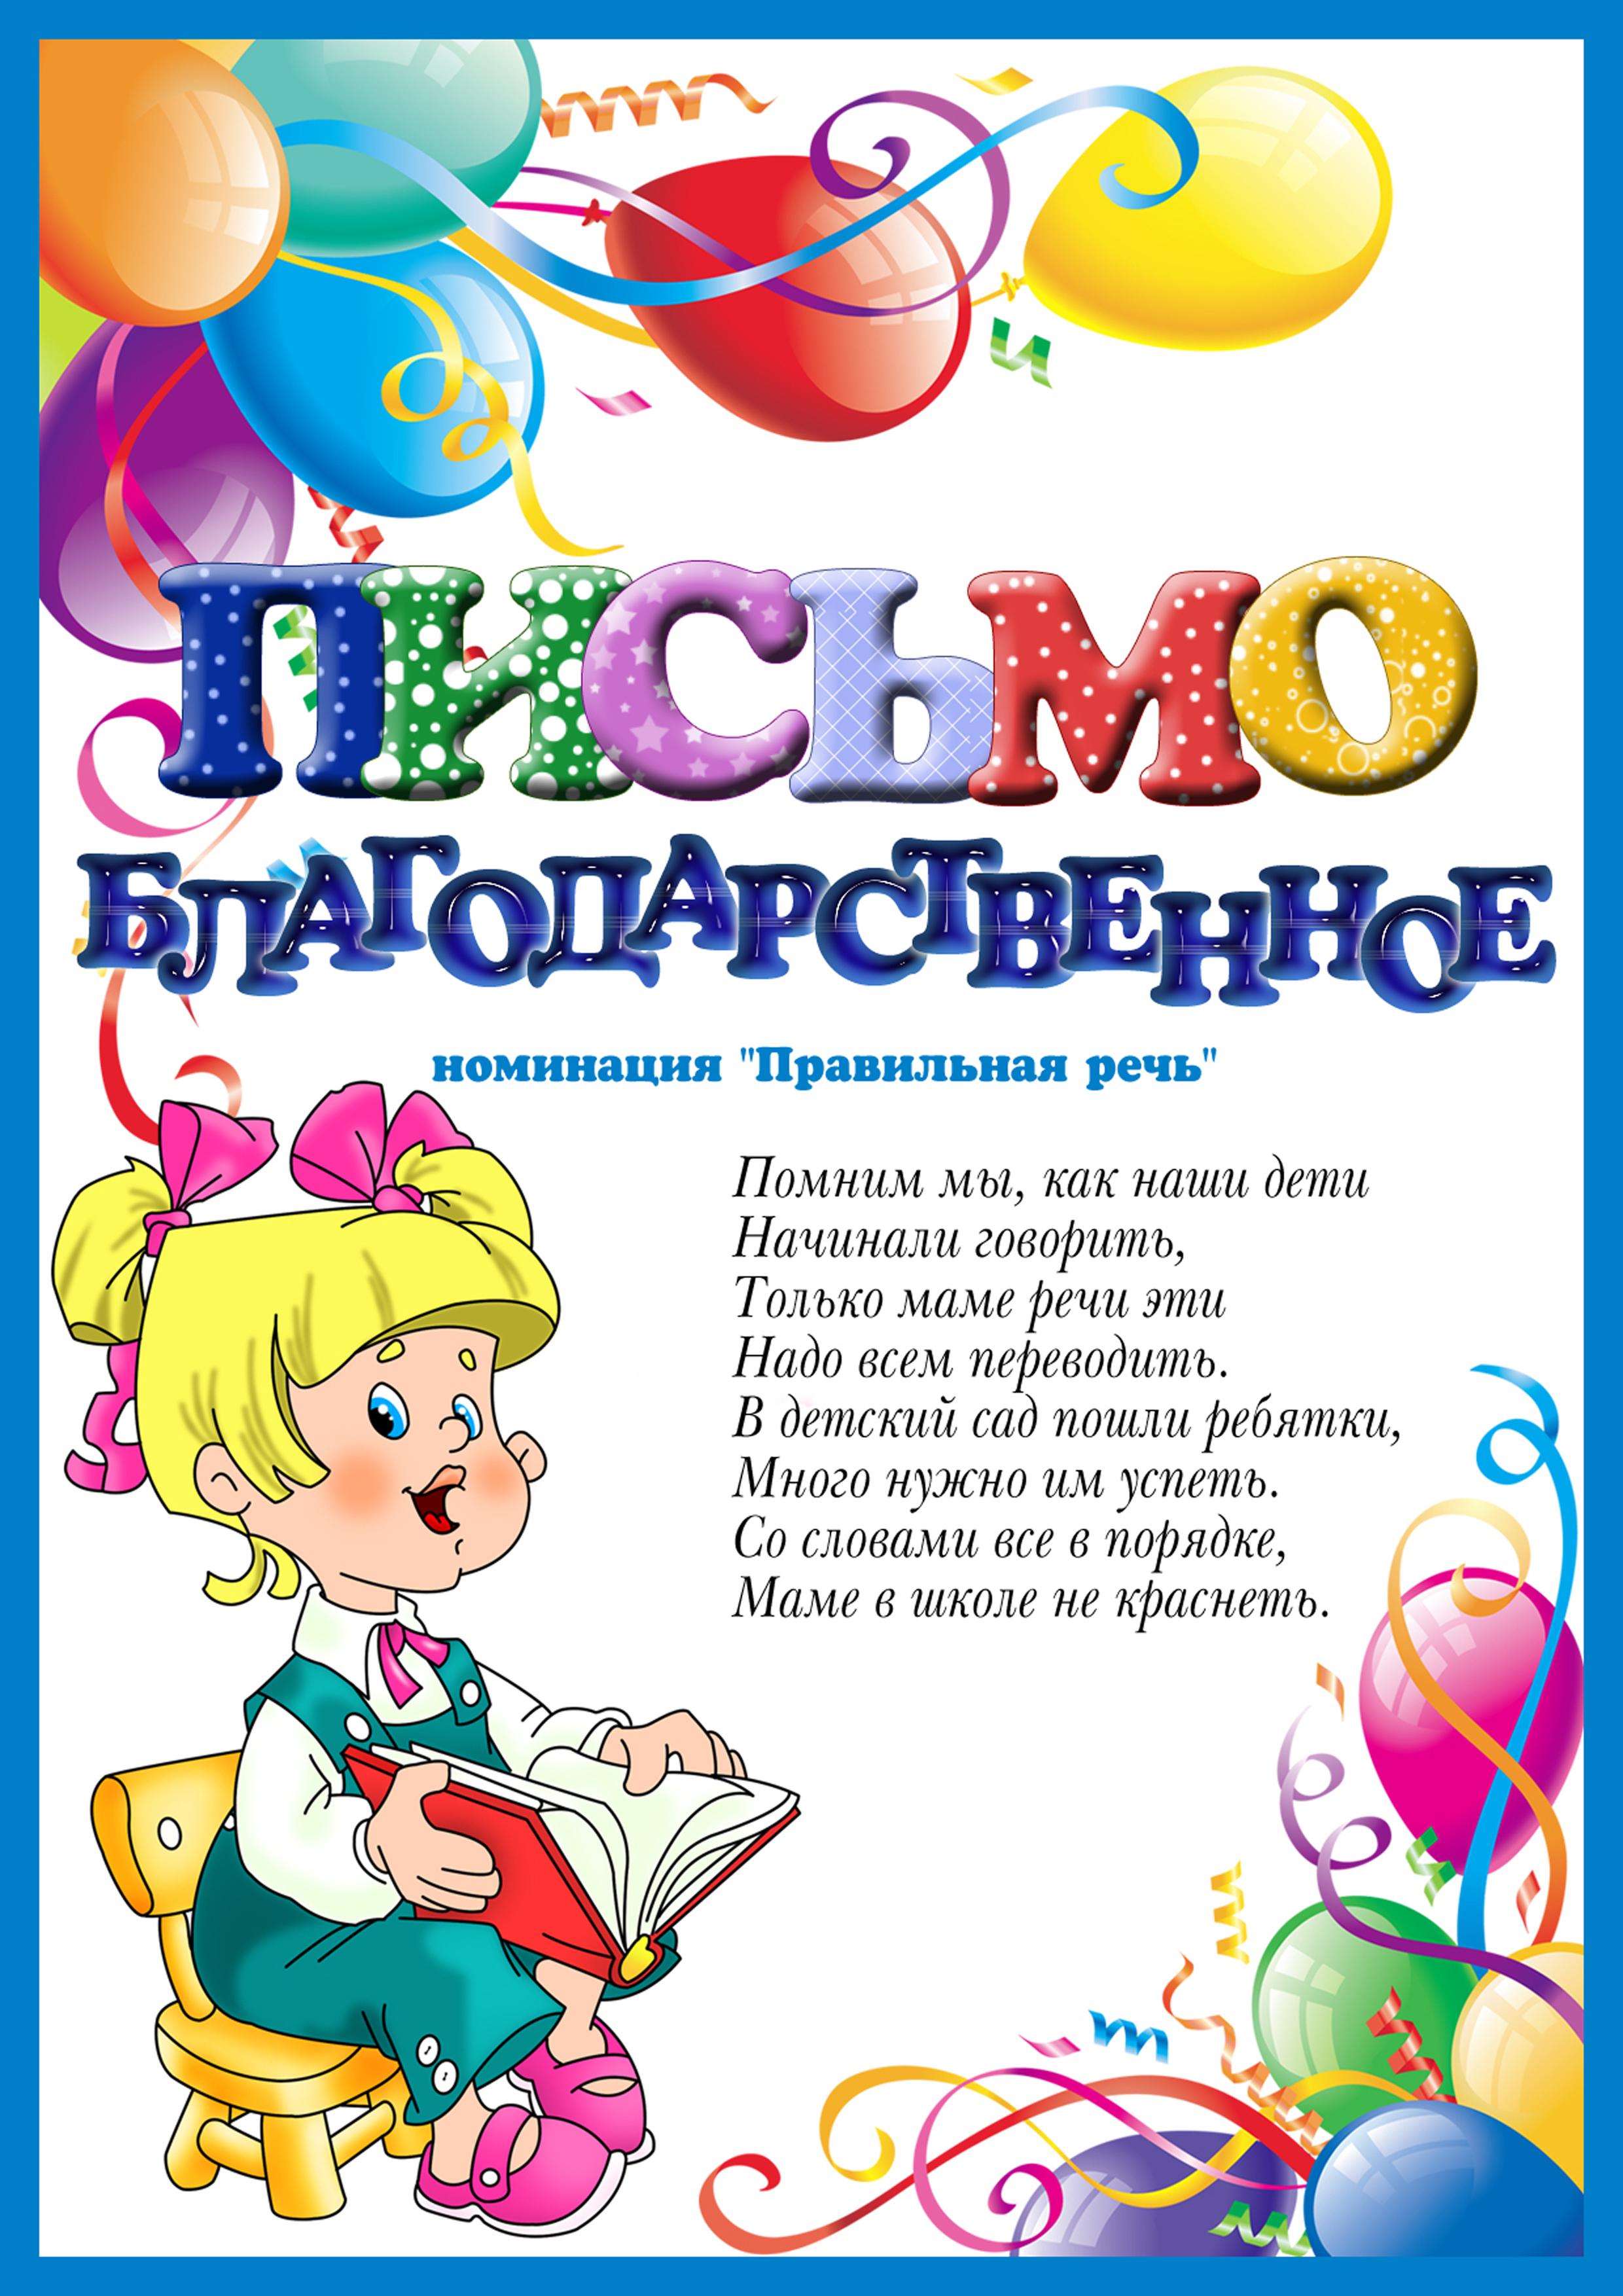 Поздравление логопеду на выпускной в детский сад